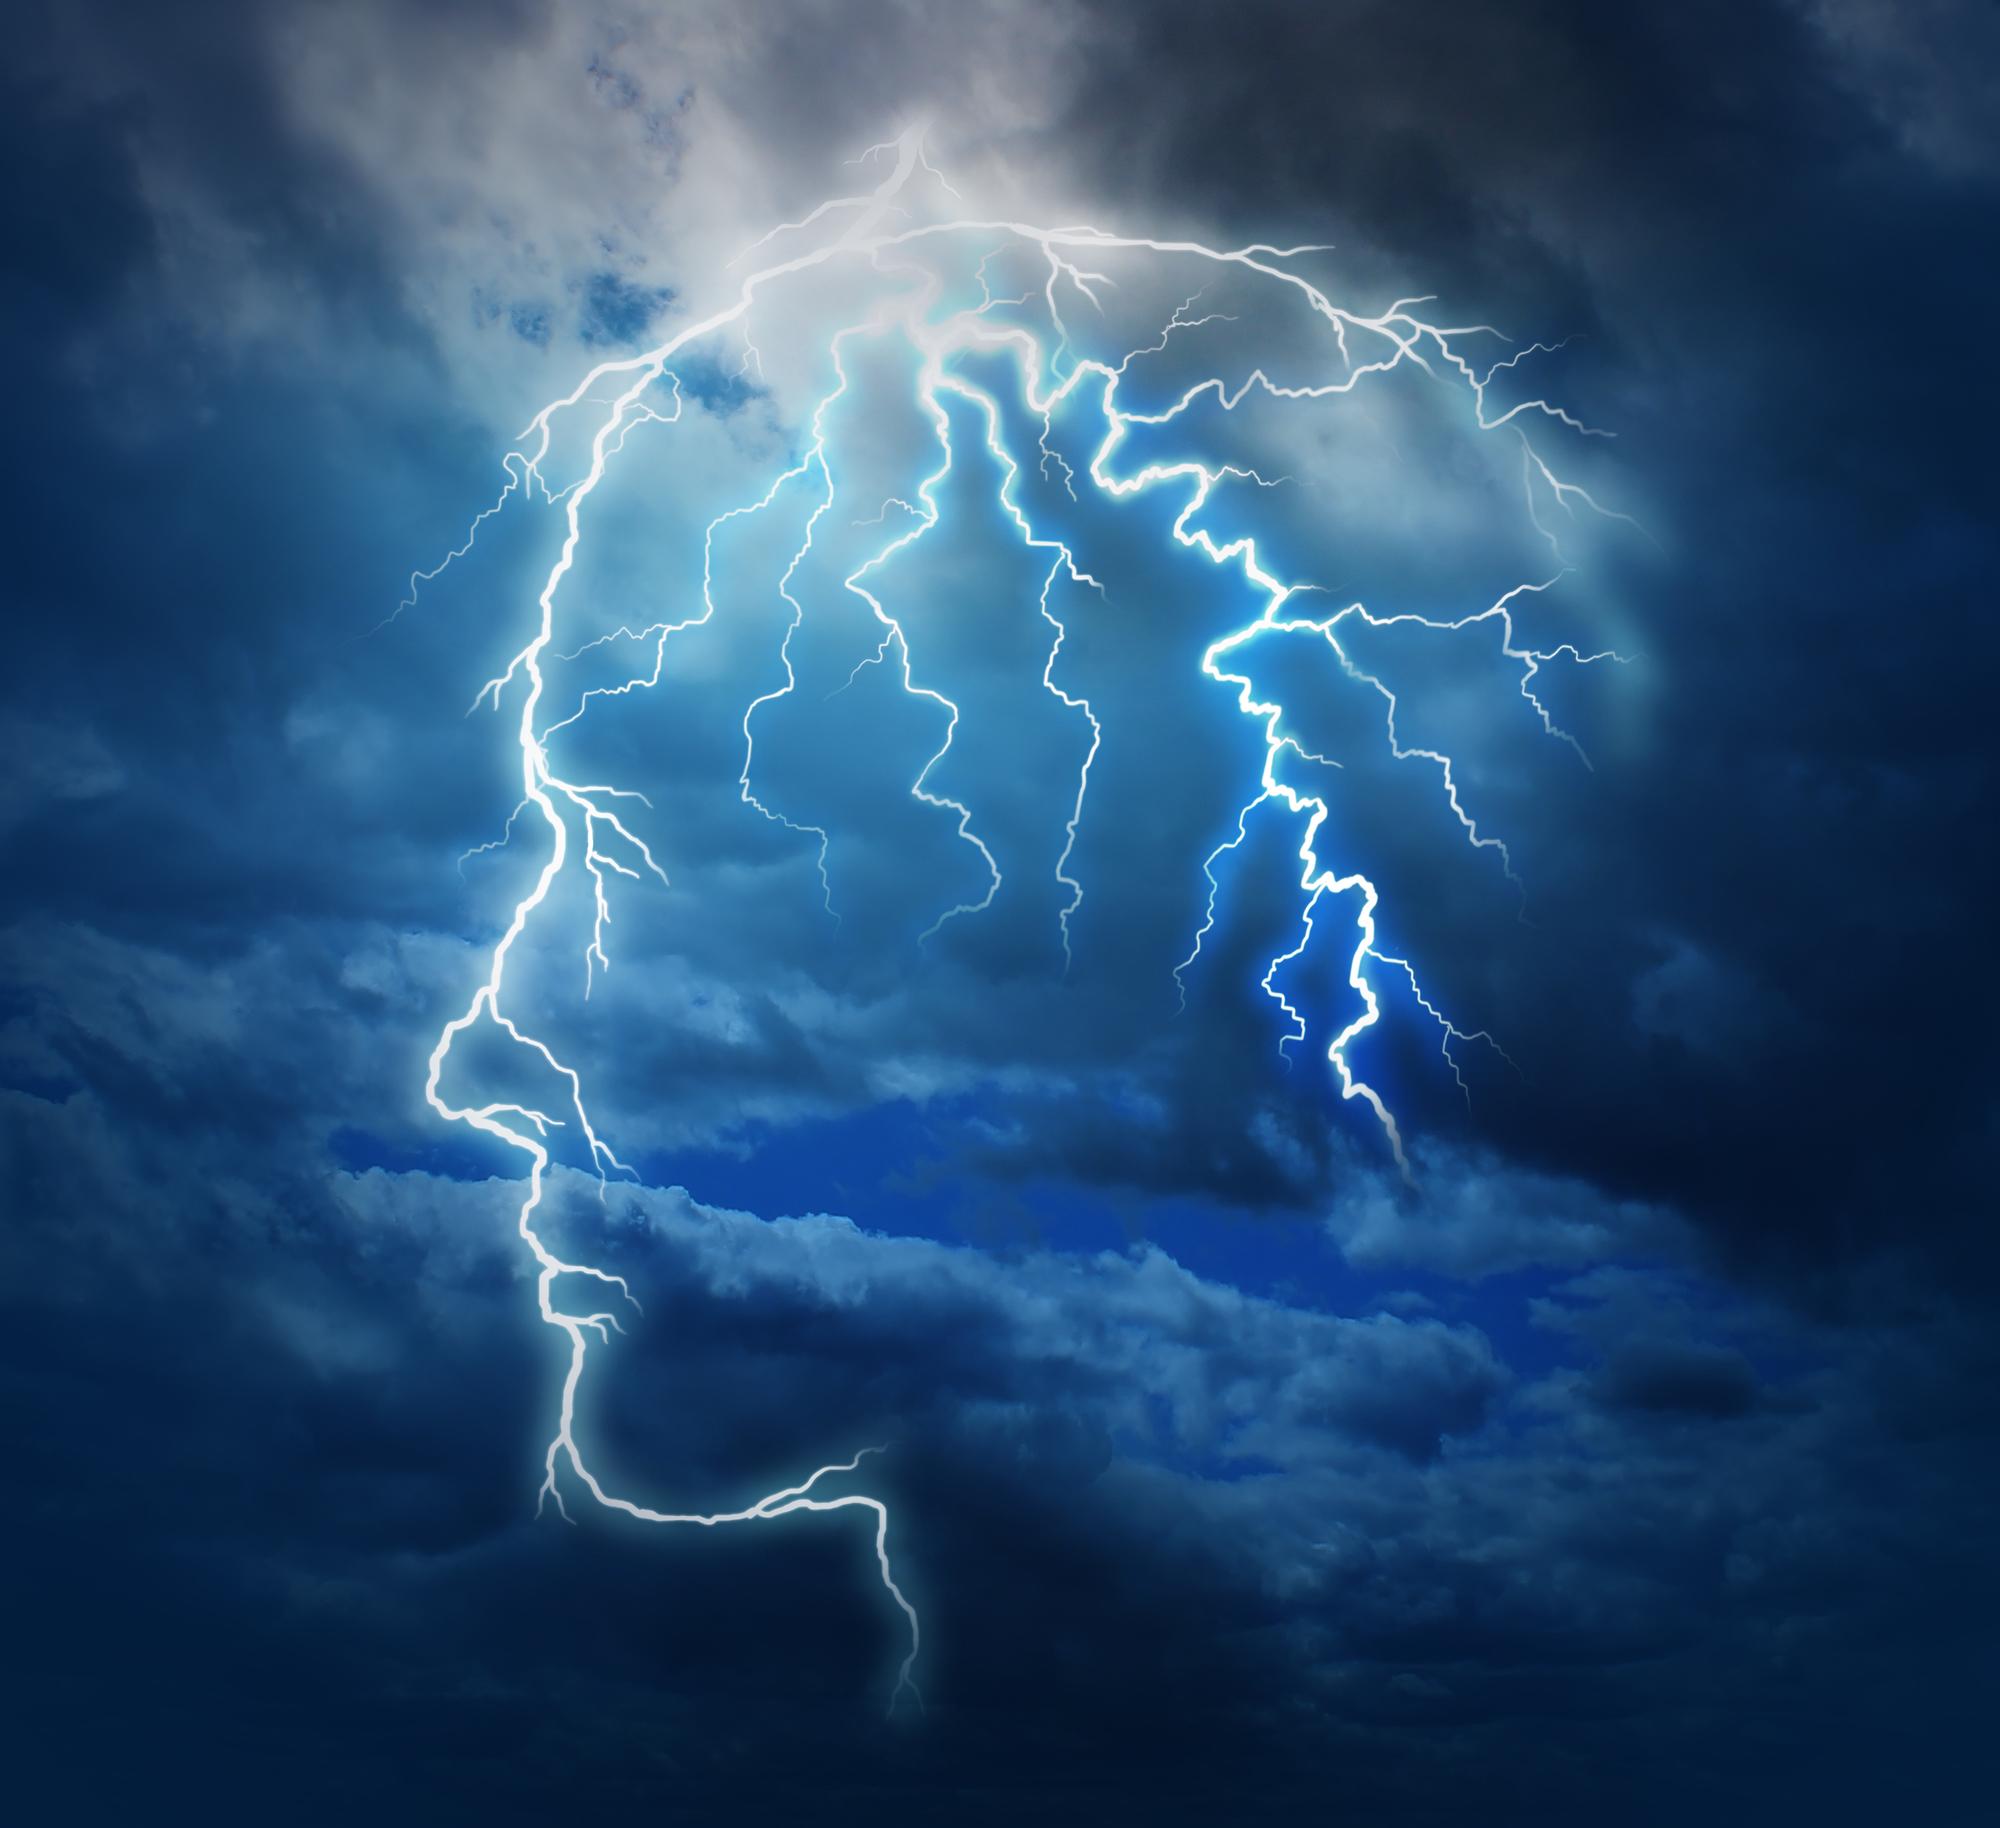 L'hypnose et les scans cérébraux